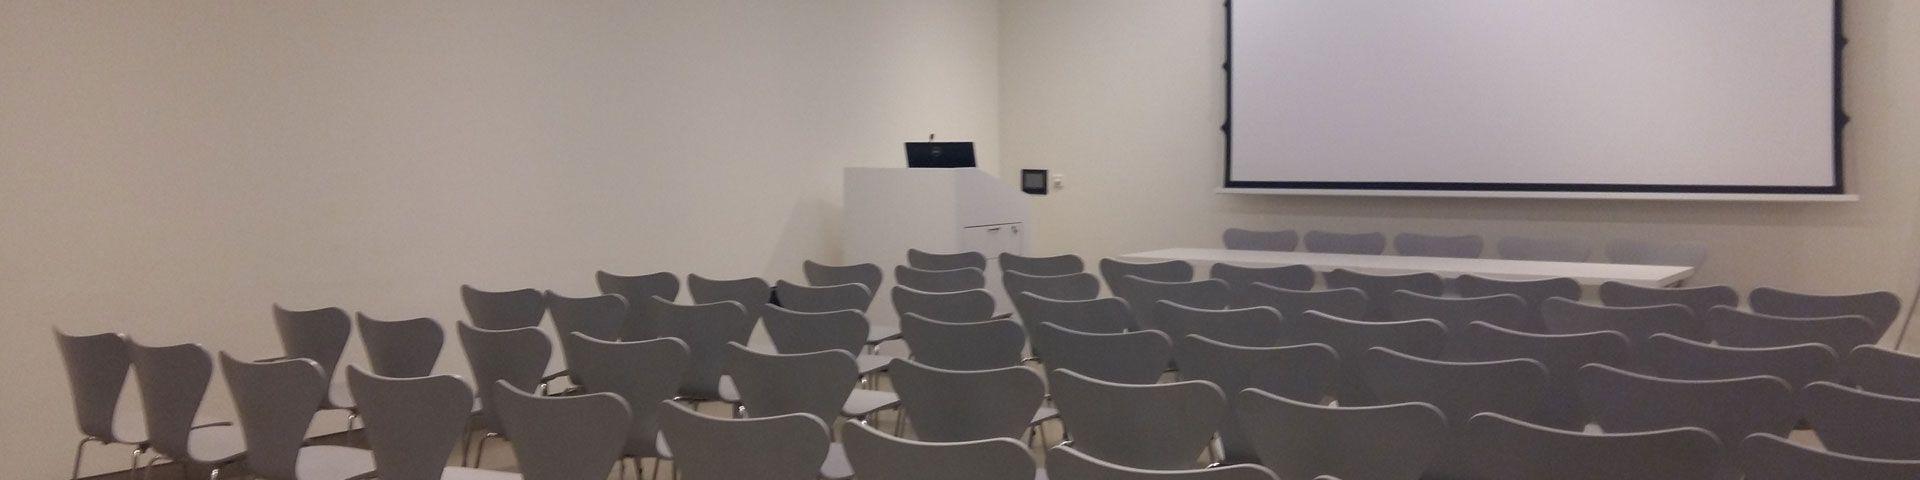 Ενοικιάσεις Χώρων: Αίθουσα Πολλαπλών Χρήσεων 2 - Εικόνα